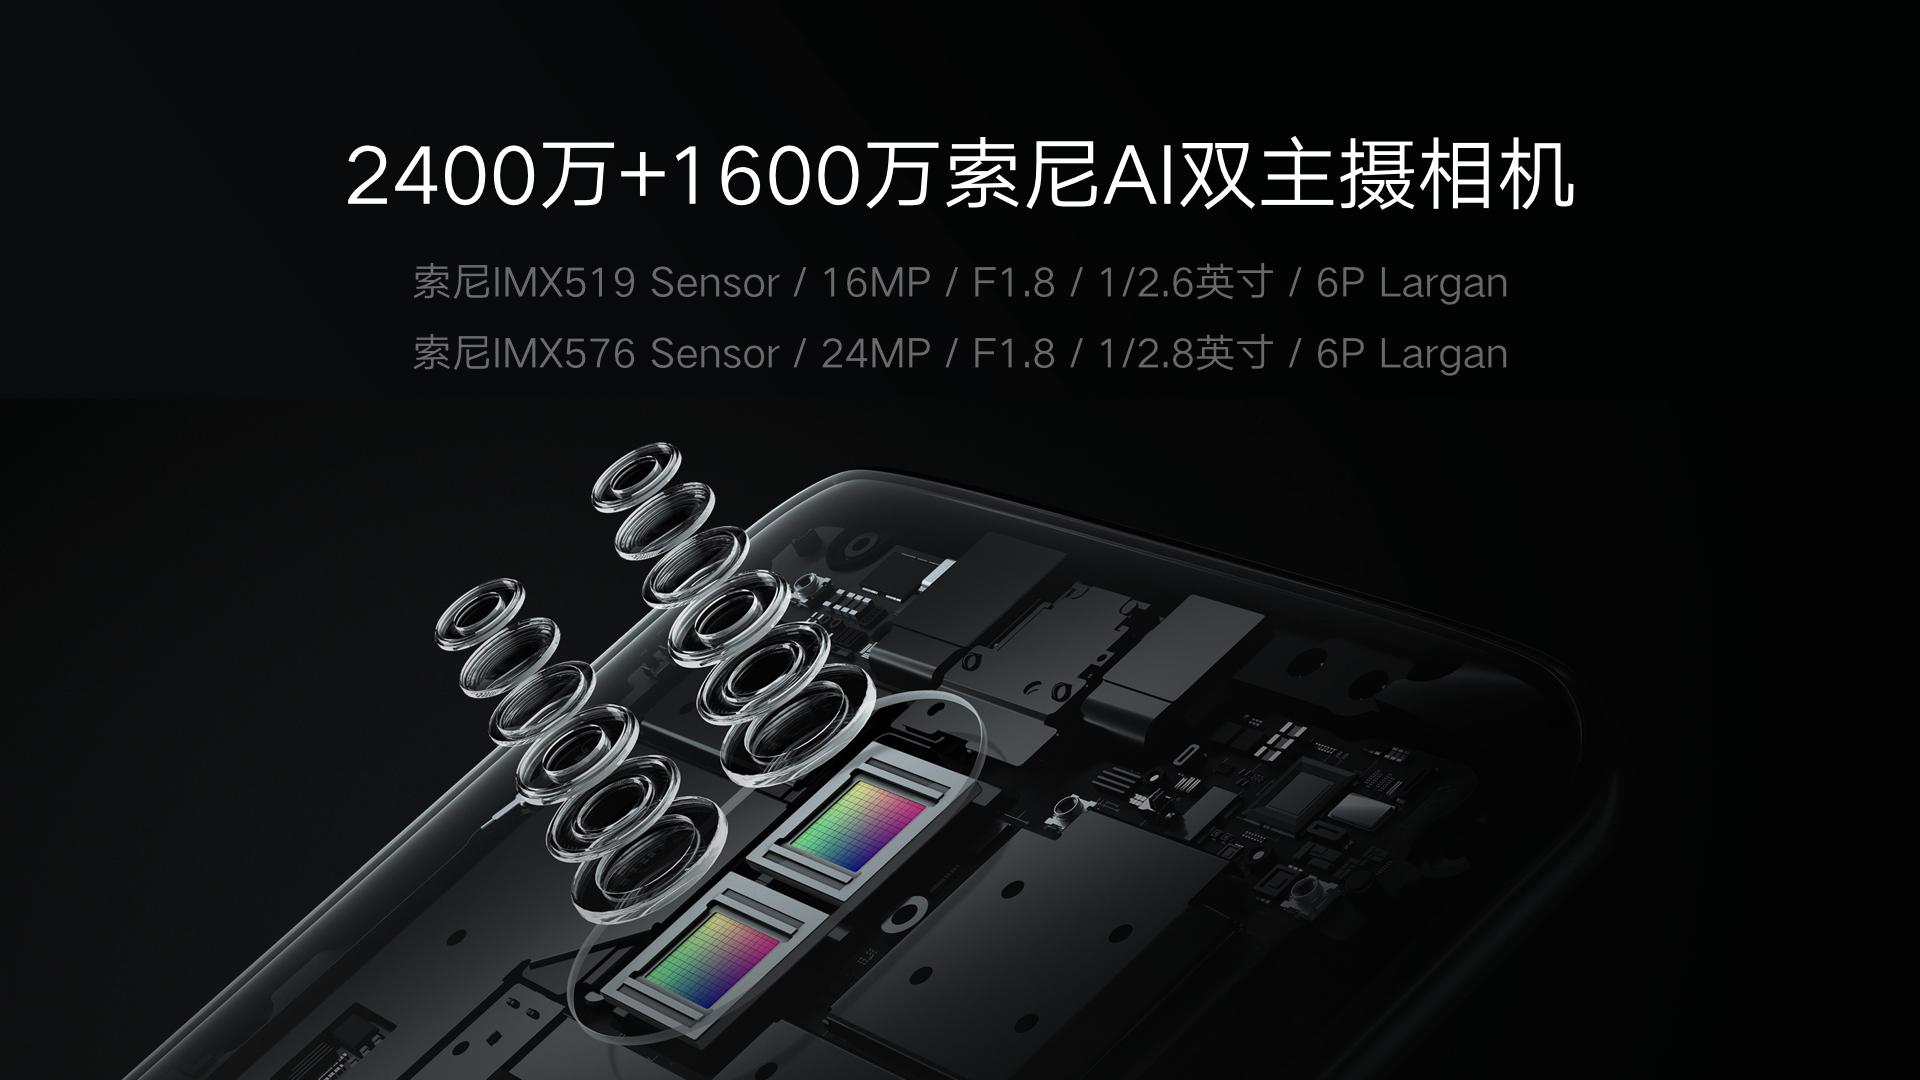 联想发布四款新机:朱一龙版颜值杀 骁龙855的照片 - 14